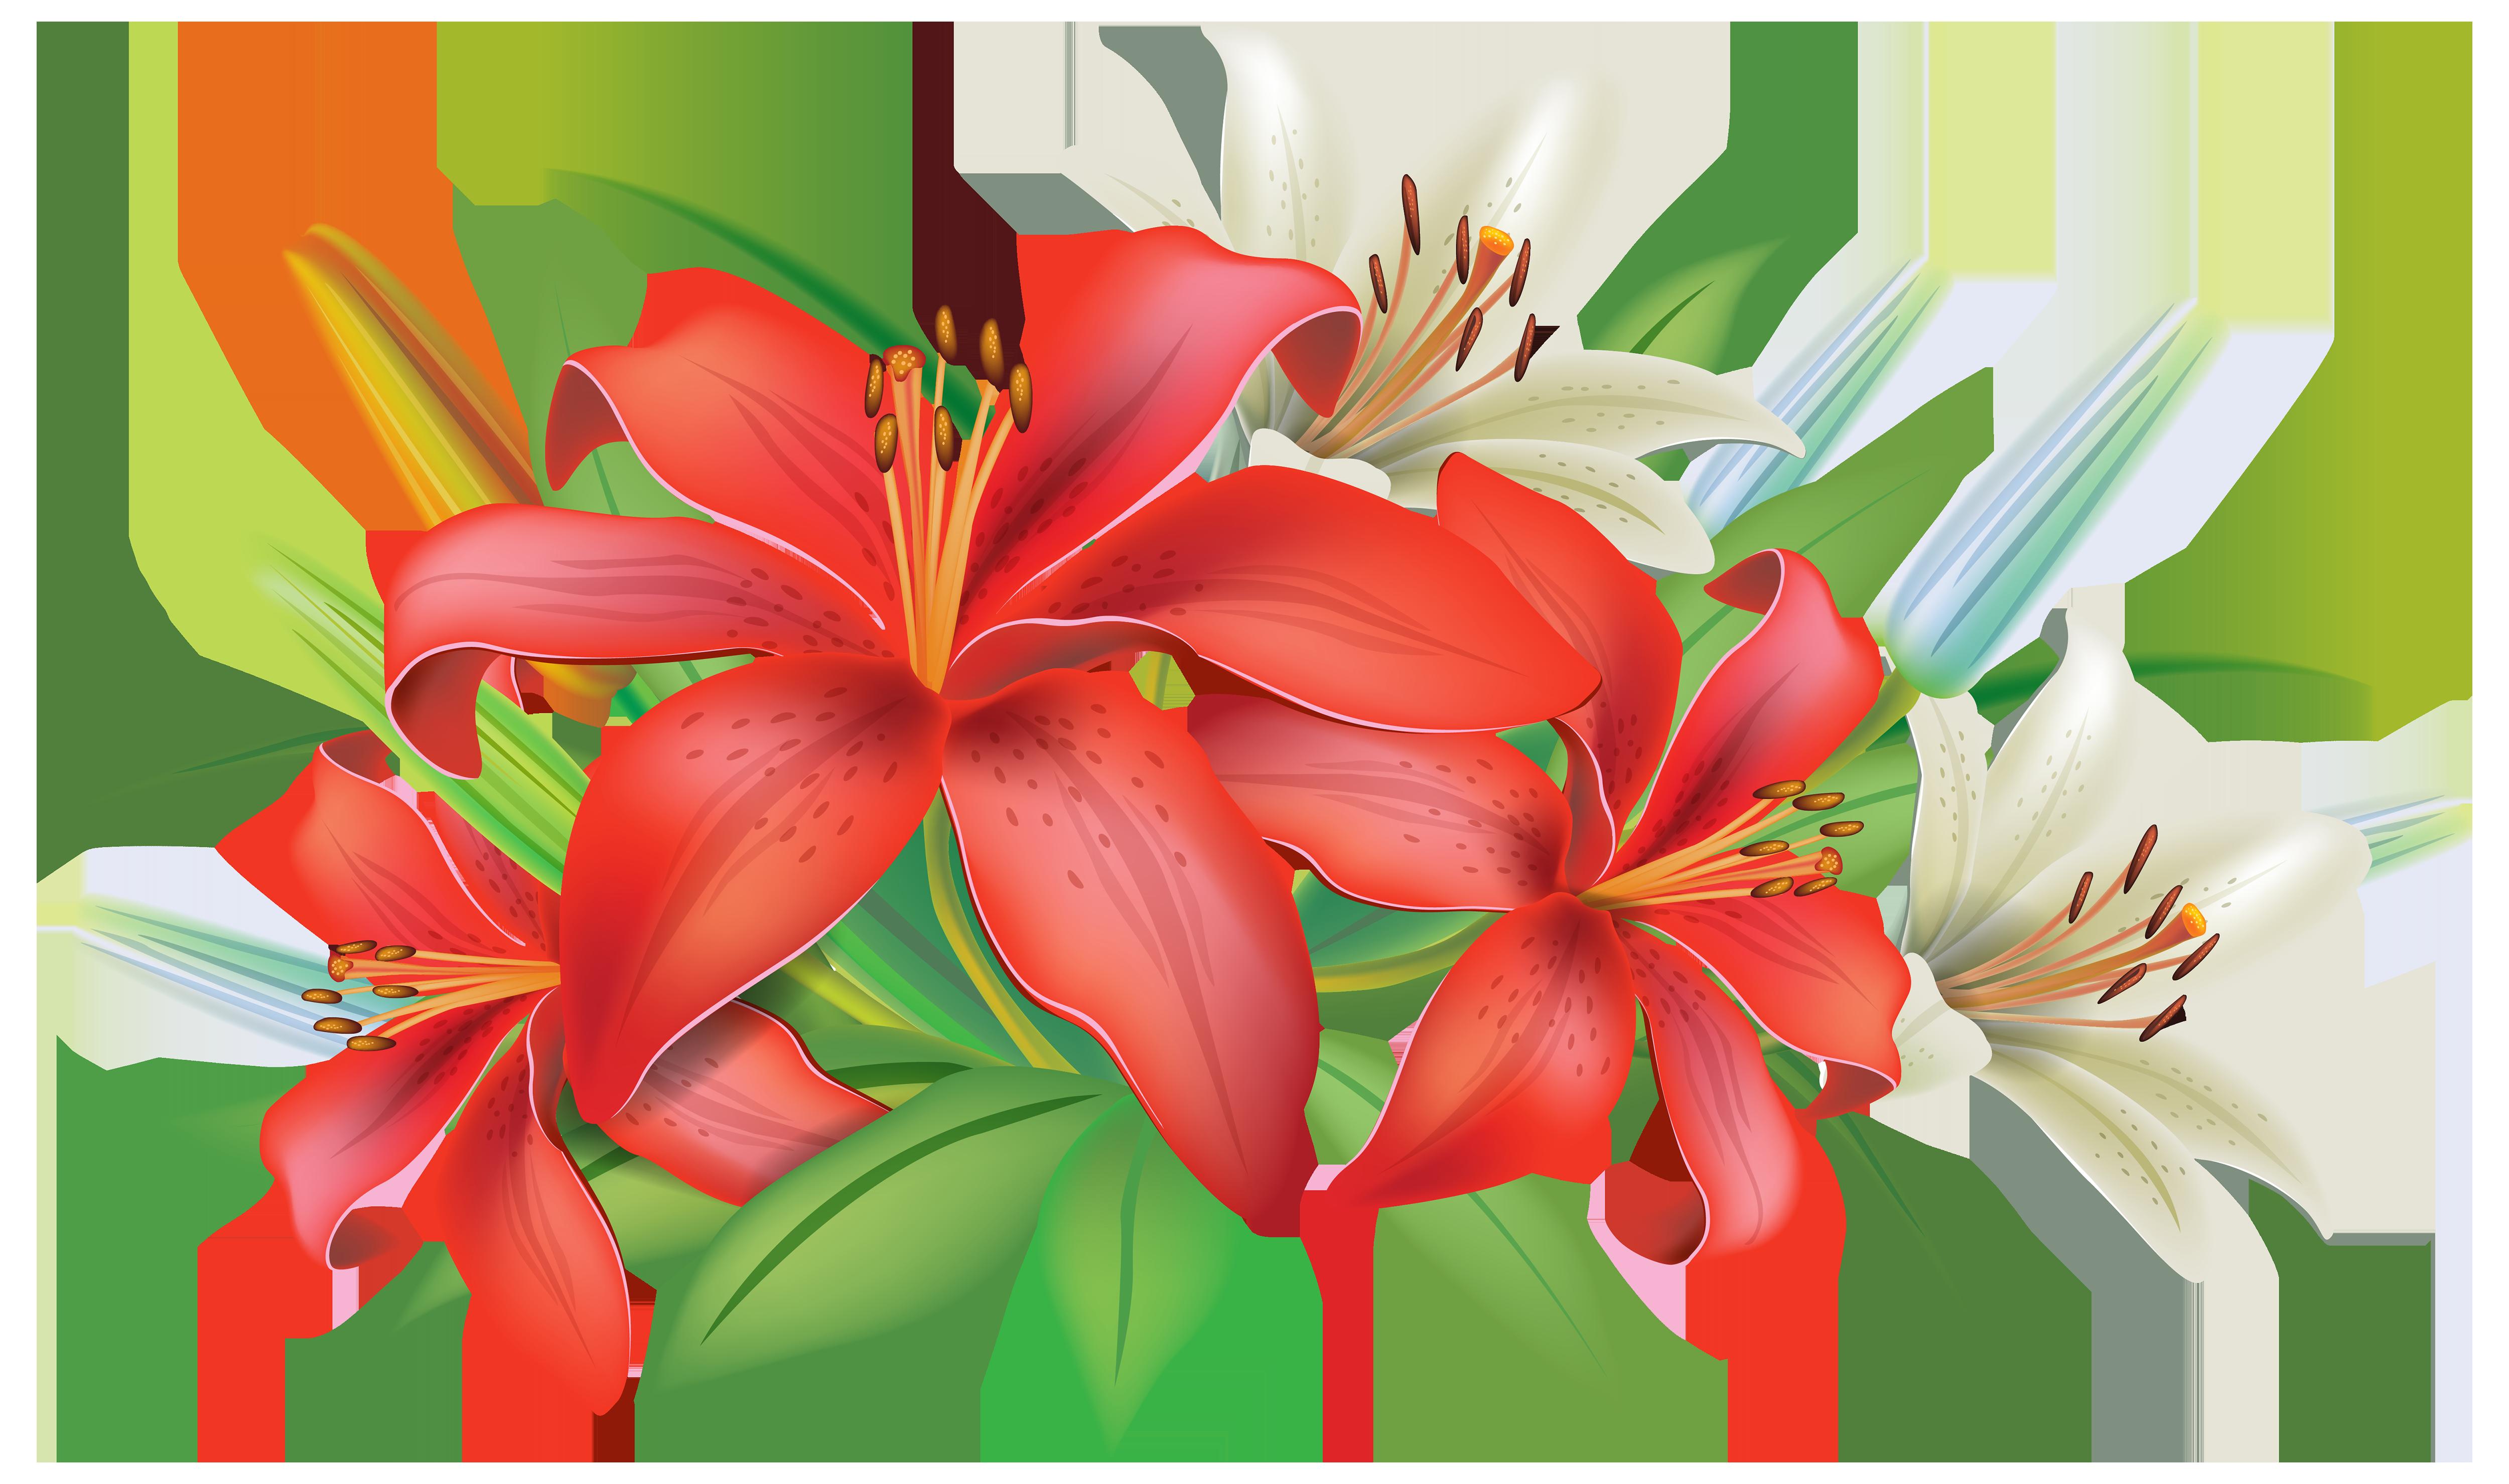 Pin by Adifa Kathy on Beautiful flowers